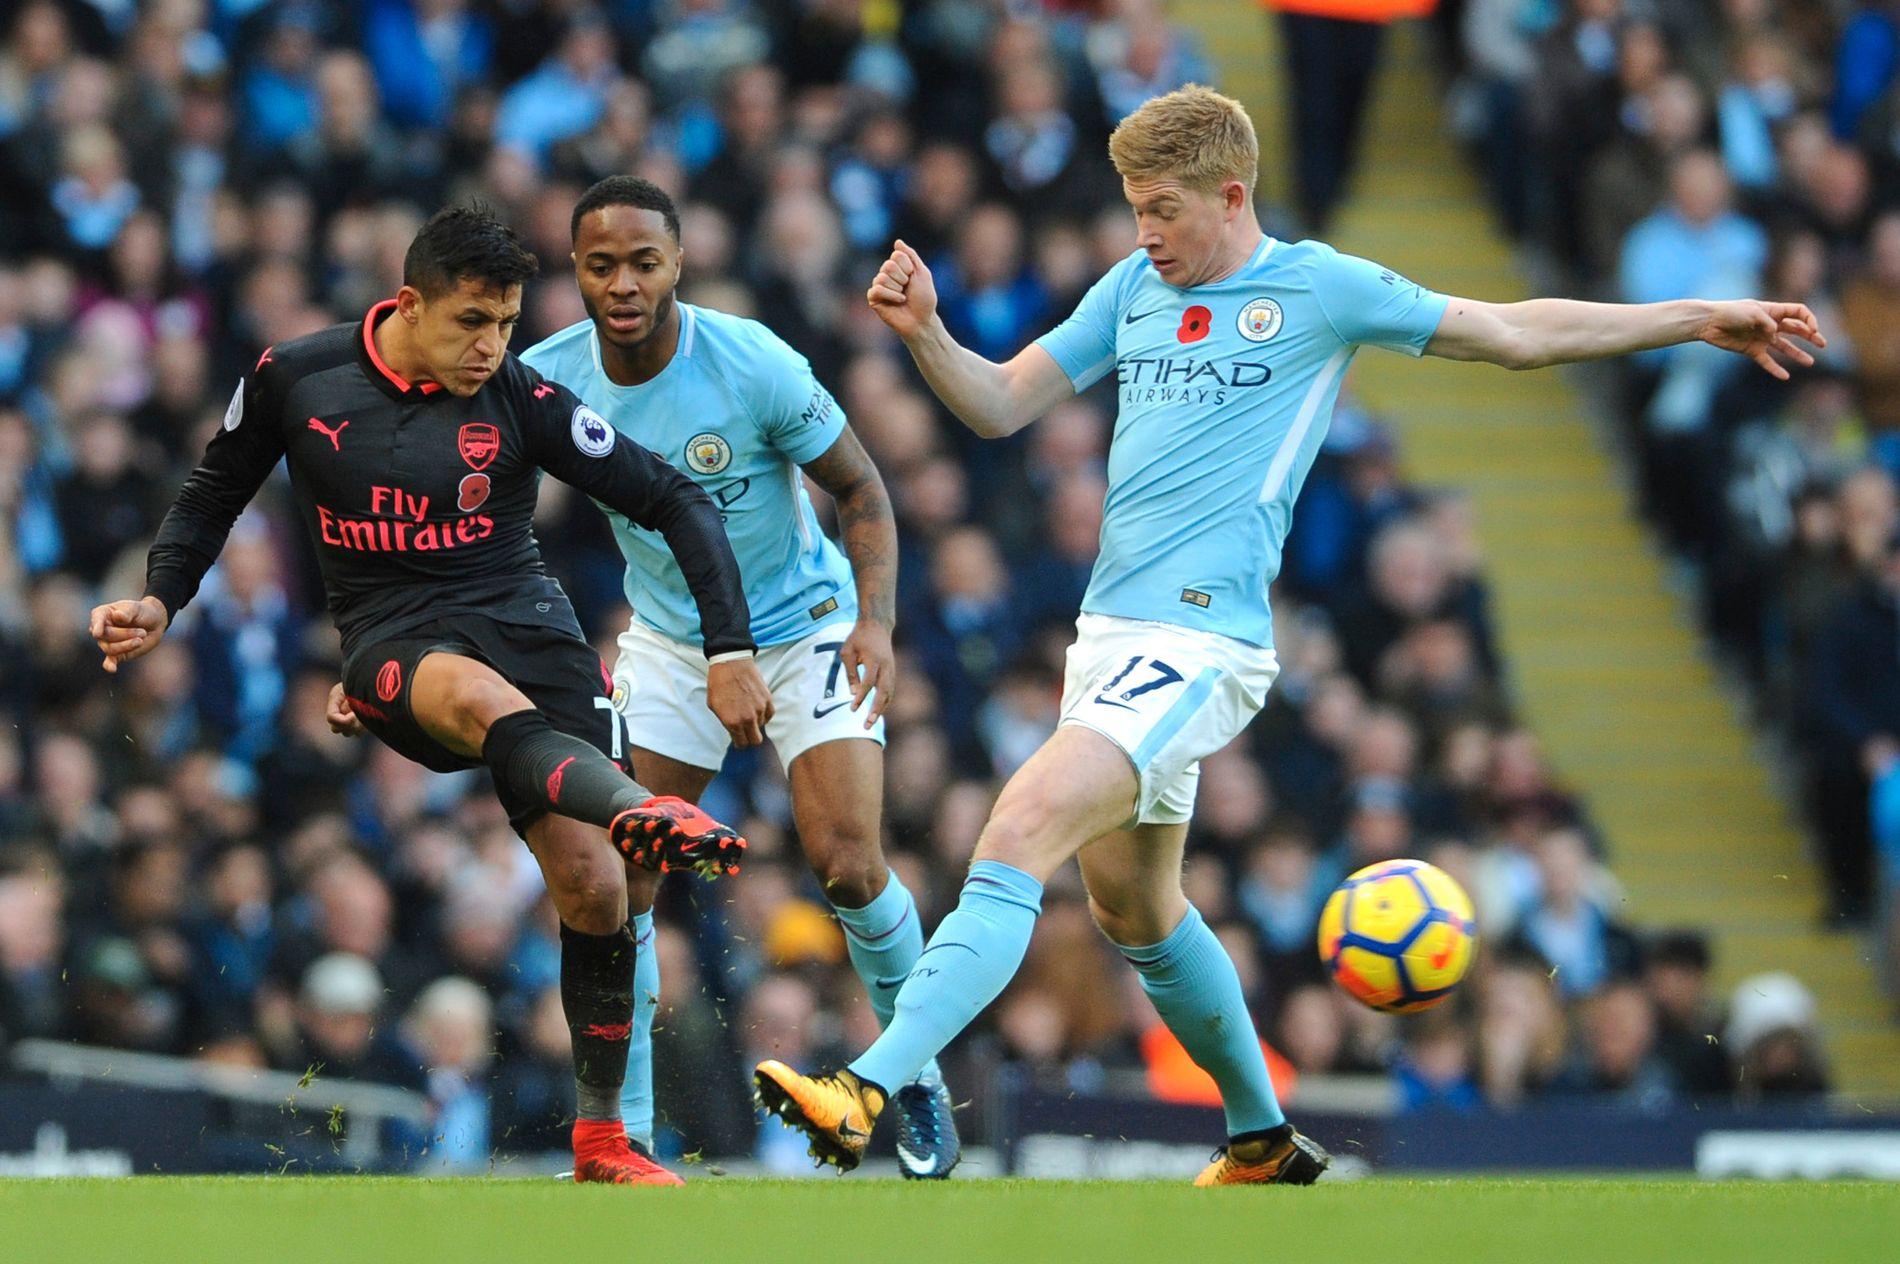 PÅ VEI TIL CITY? Alexis Sánchez ryktes sterkere og sterkere til Manchester City. Her under kamp mot Kevin De Bruyne (t.h.) og Manchester City i november 2017.